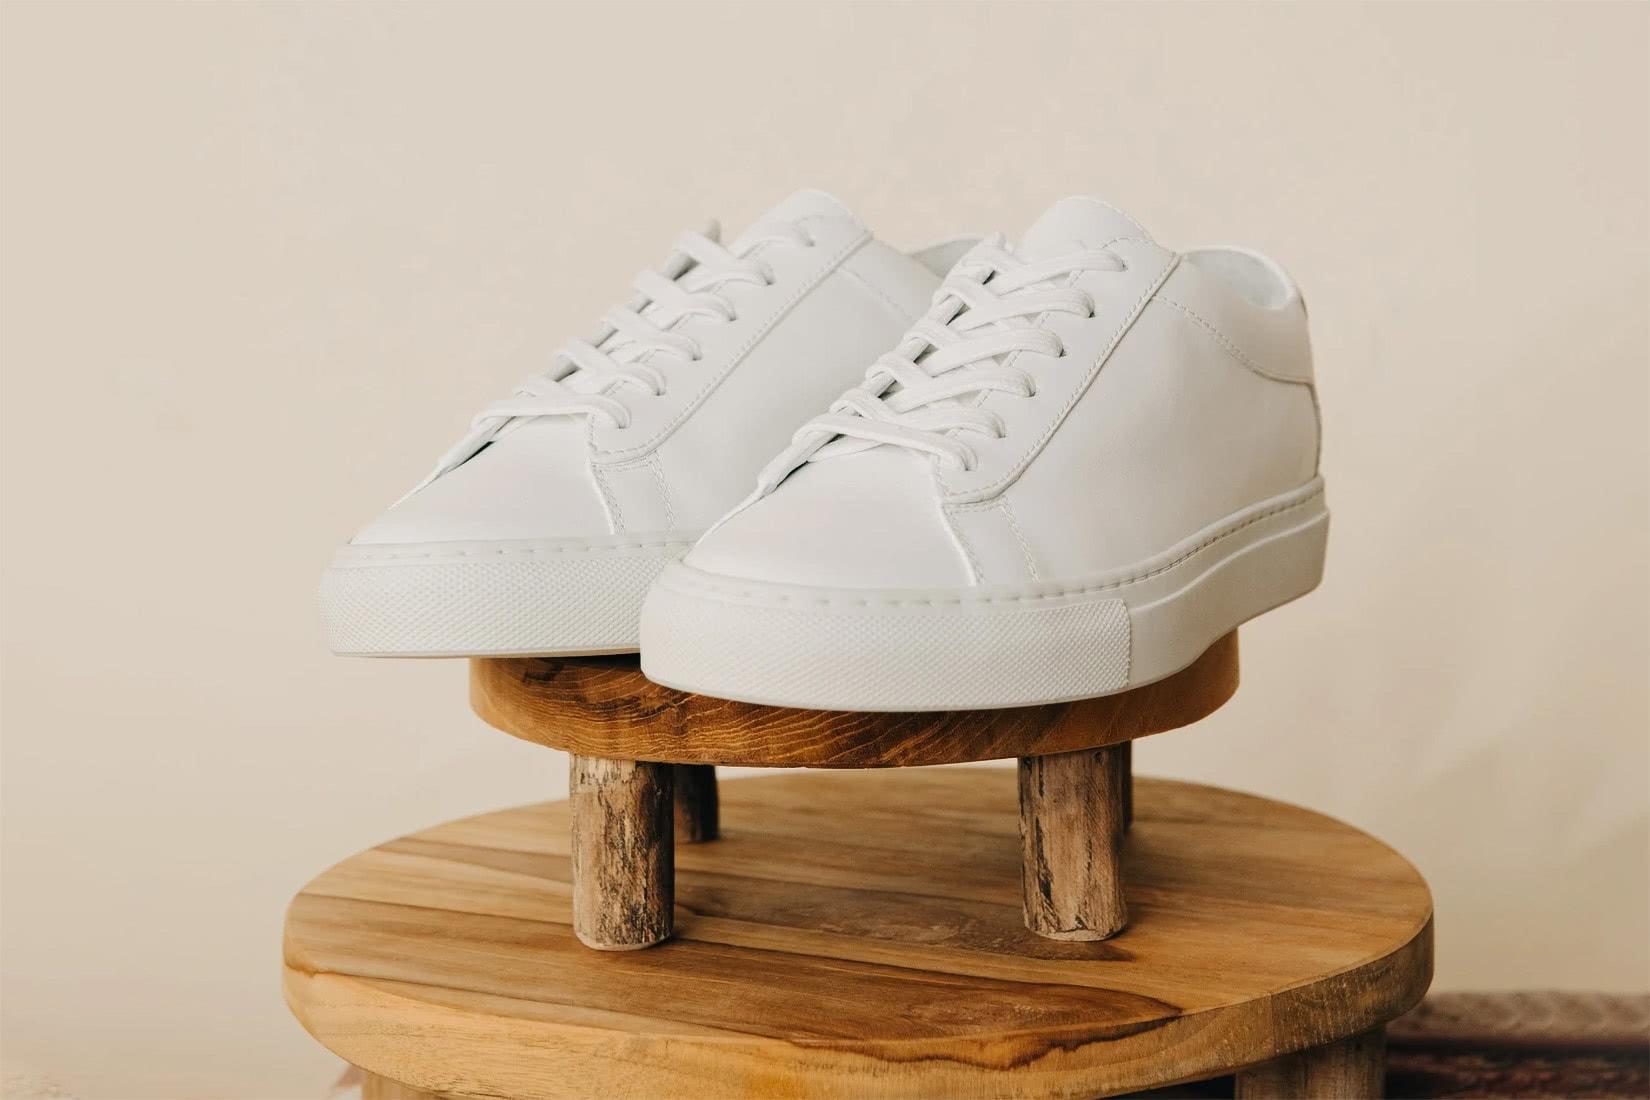 Koio sneakers review capri comfort - Luxe Digital